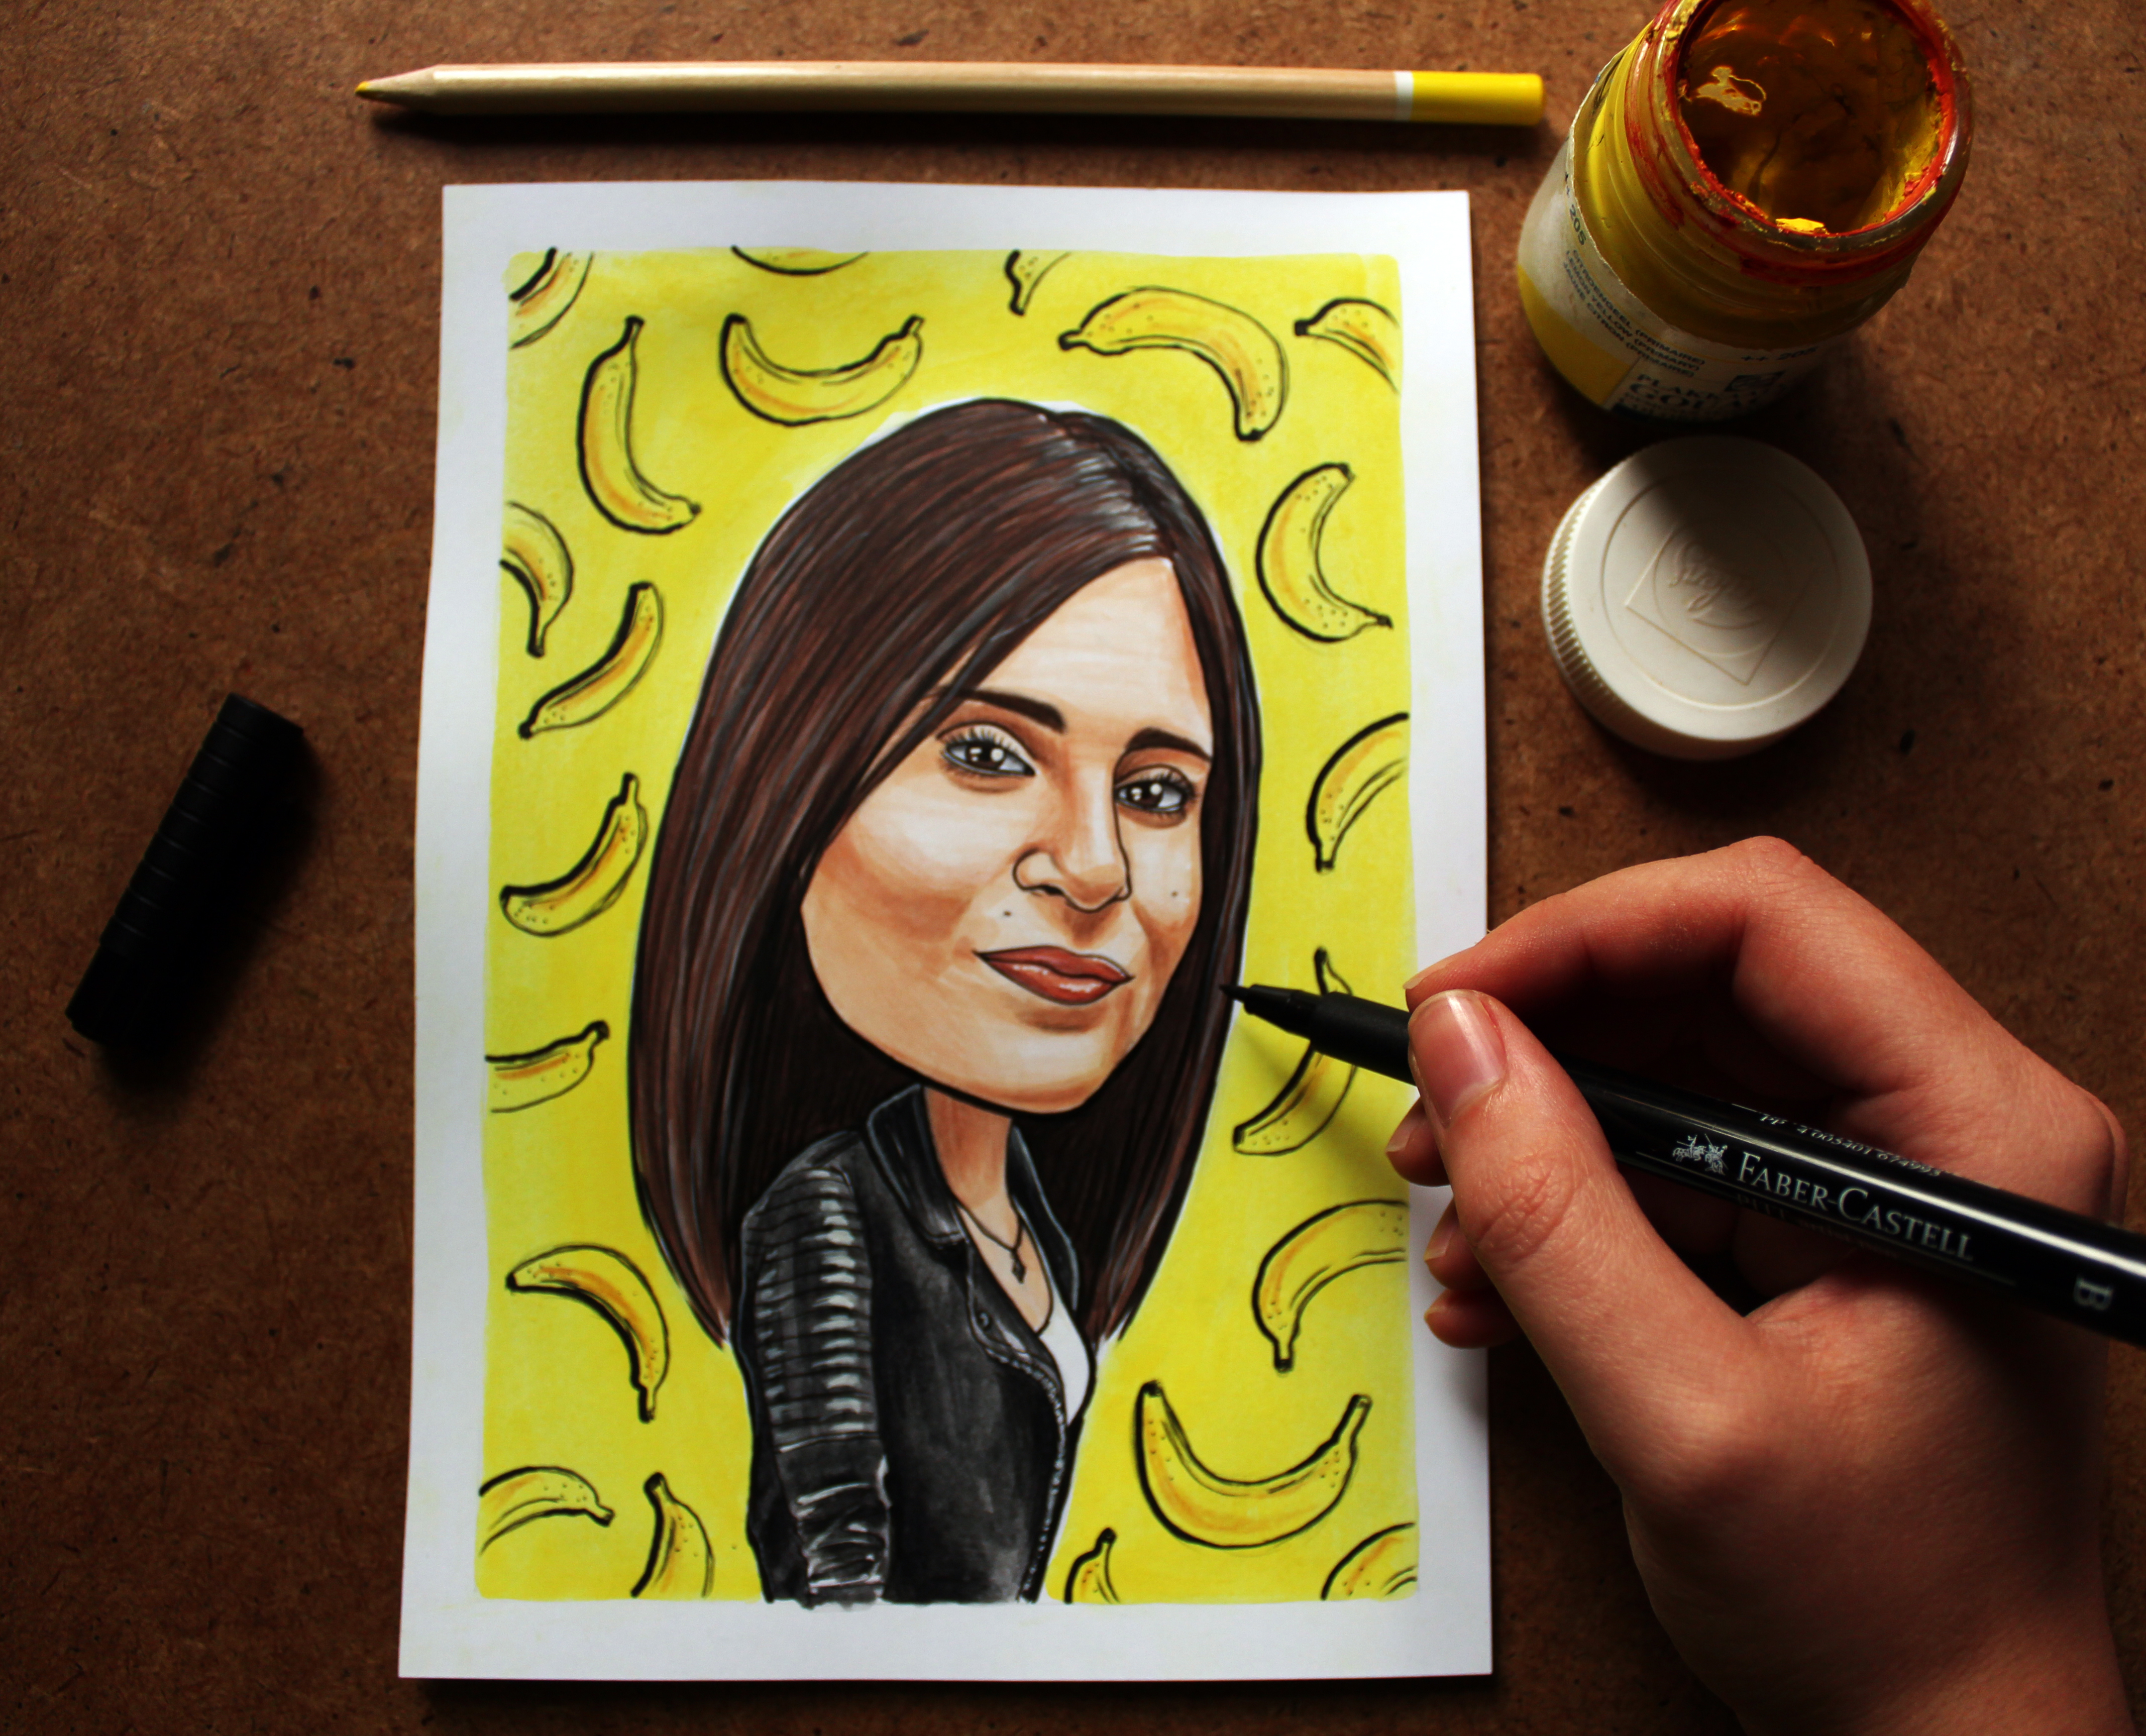 Даяна е на 27 години и обича да рисува. Не за себе си - за другите. Тя създава Lemons, за да прави живота на другите по-цветен.